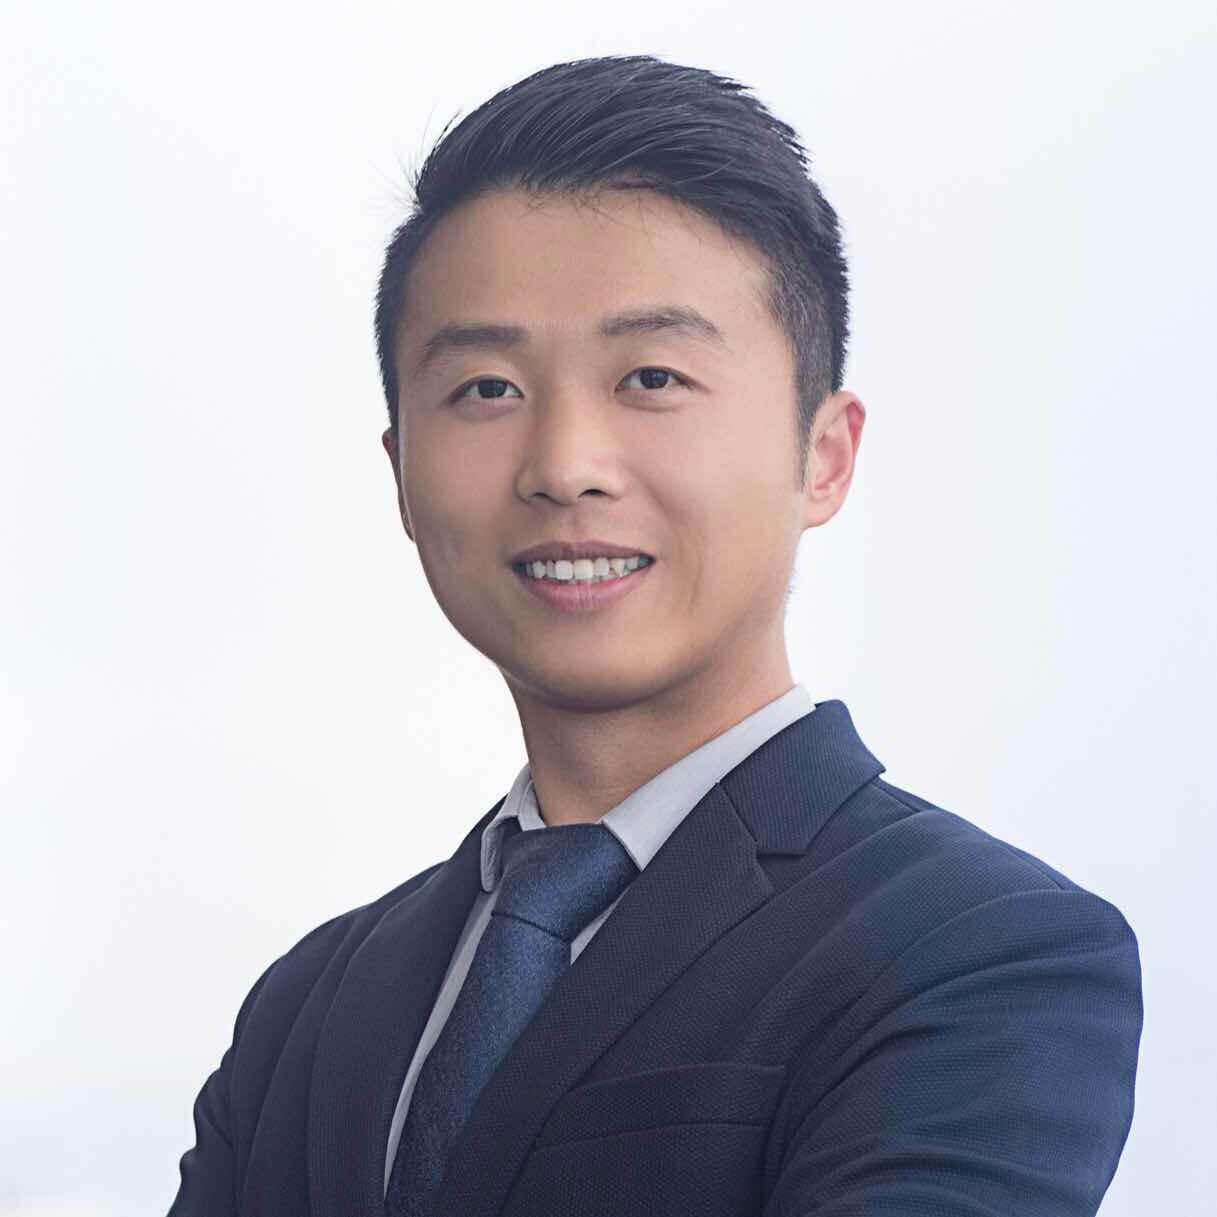 Shawn Lan